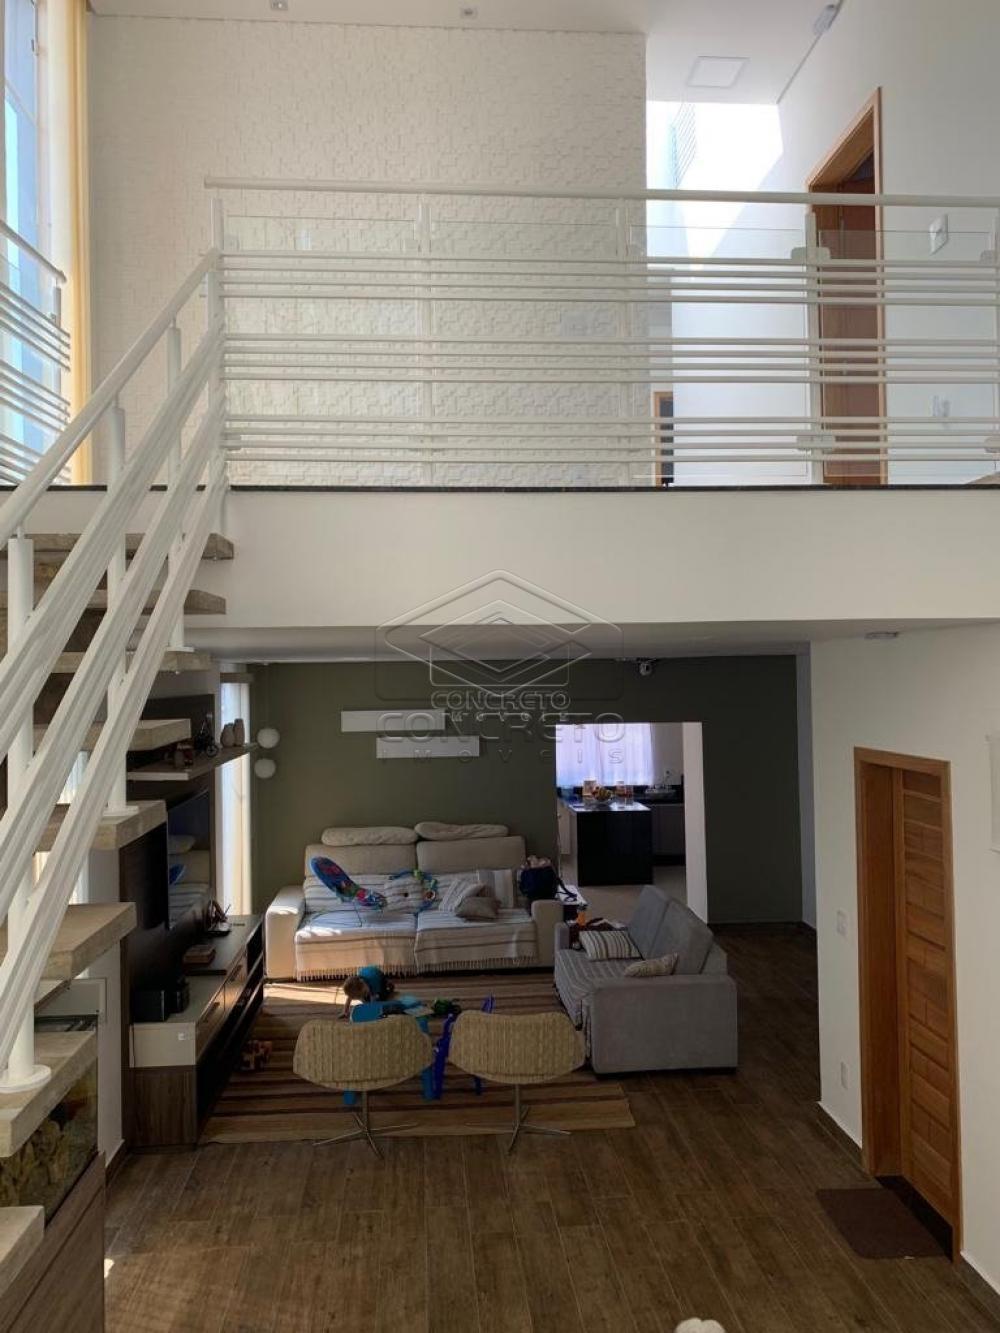 Comprar Casa / Padrão em Sao Manuel apenas R$ 650.000,00 - Foto 49